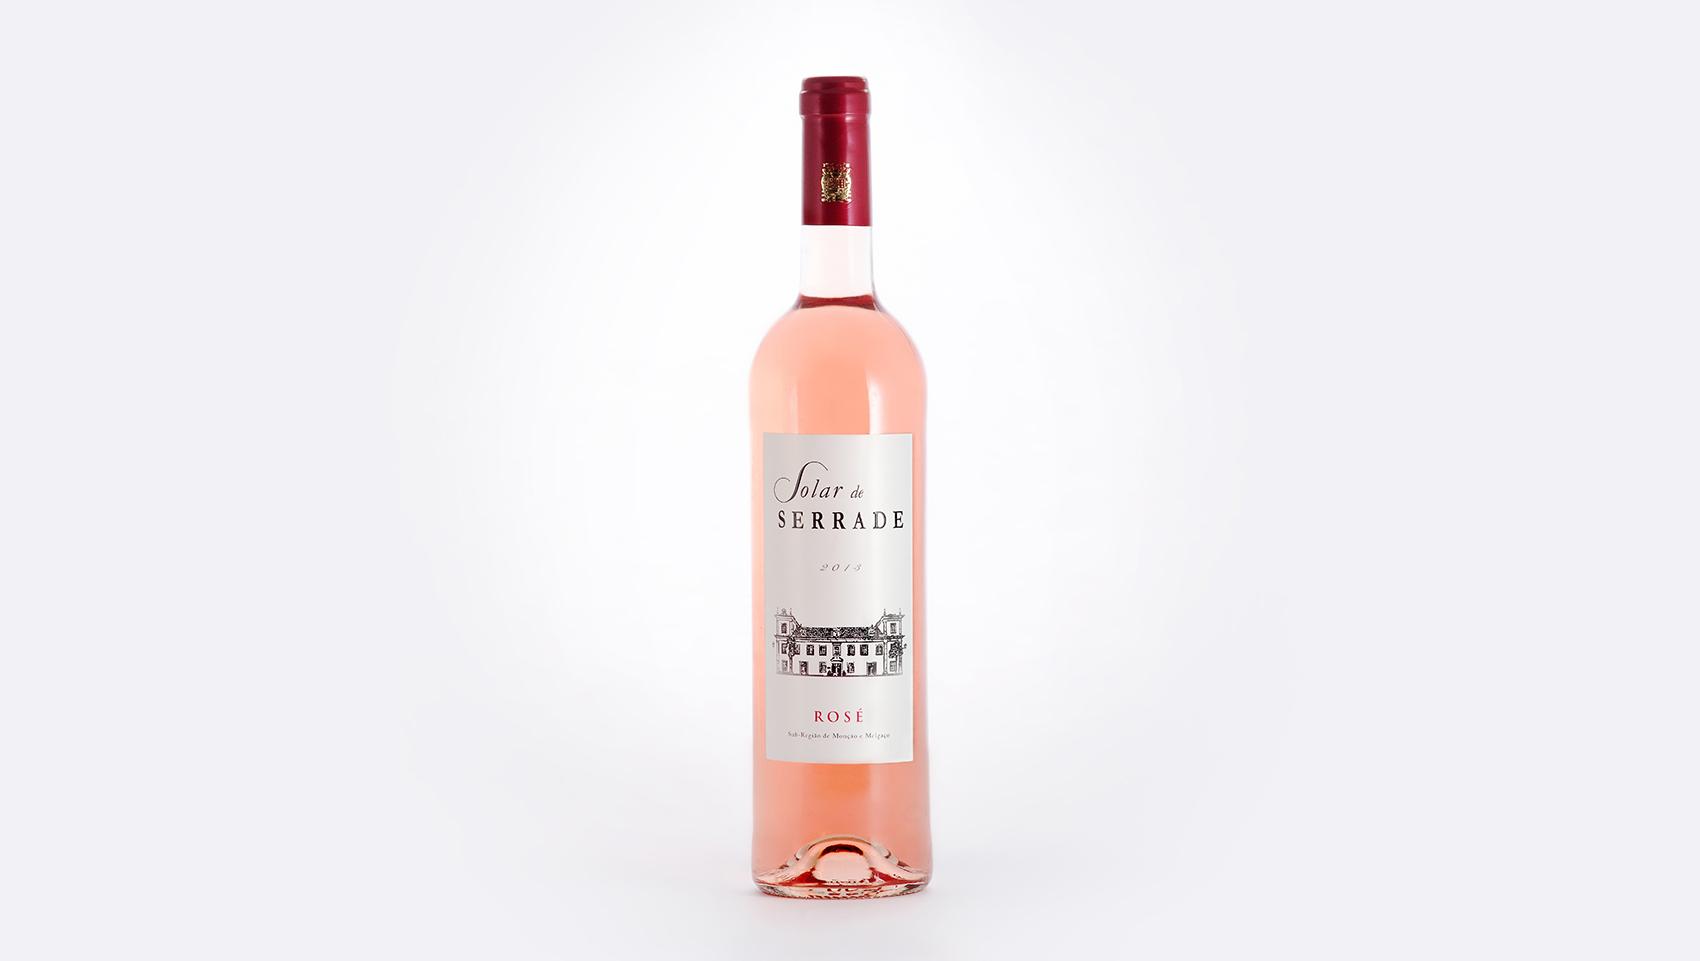 Garrafa rosé